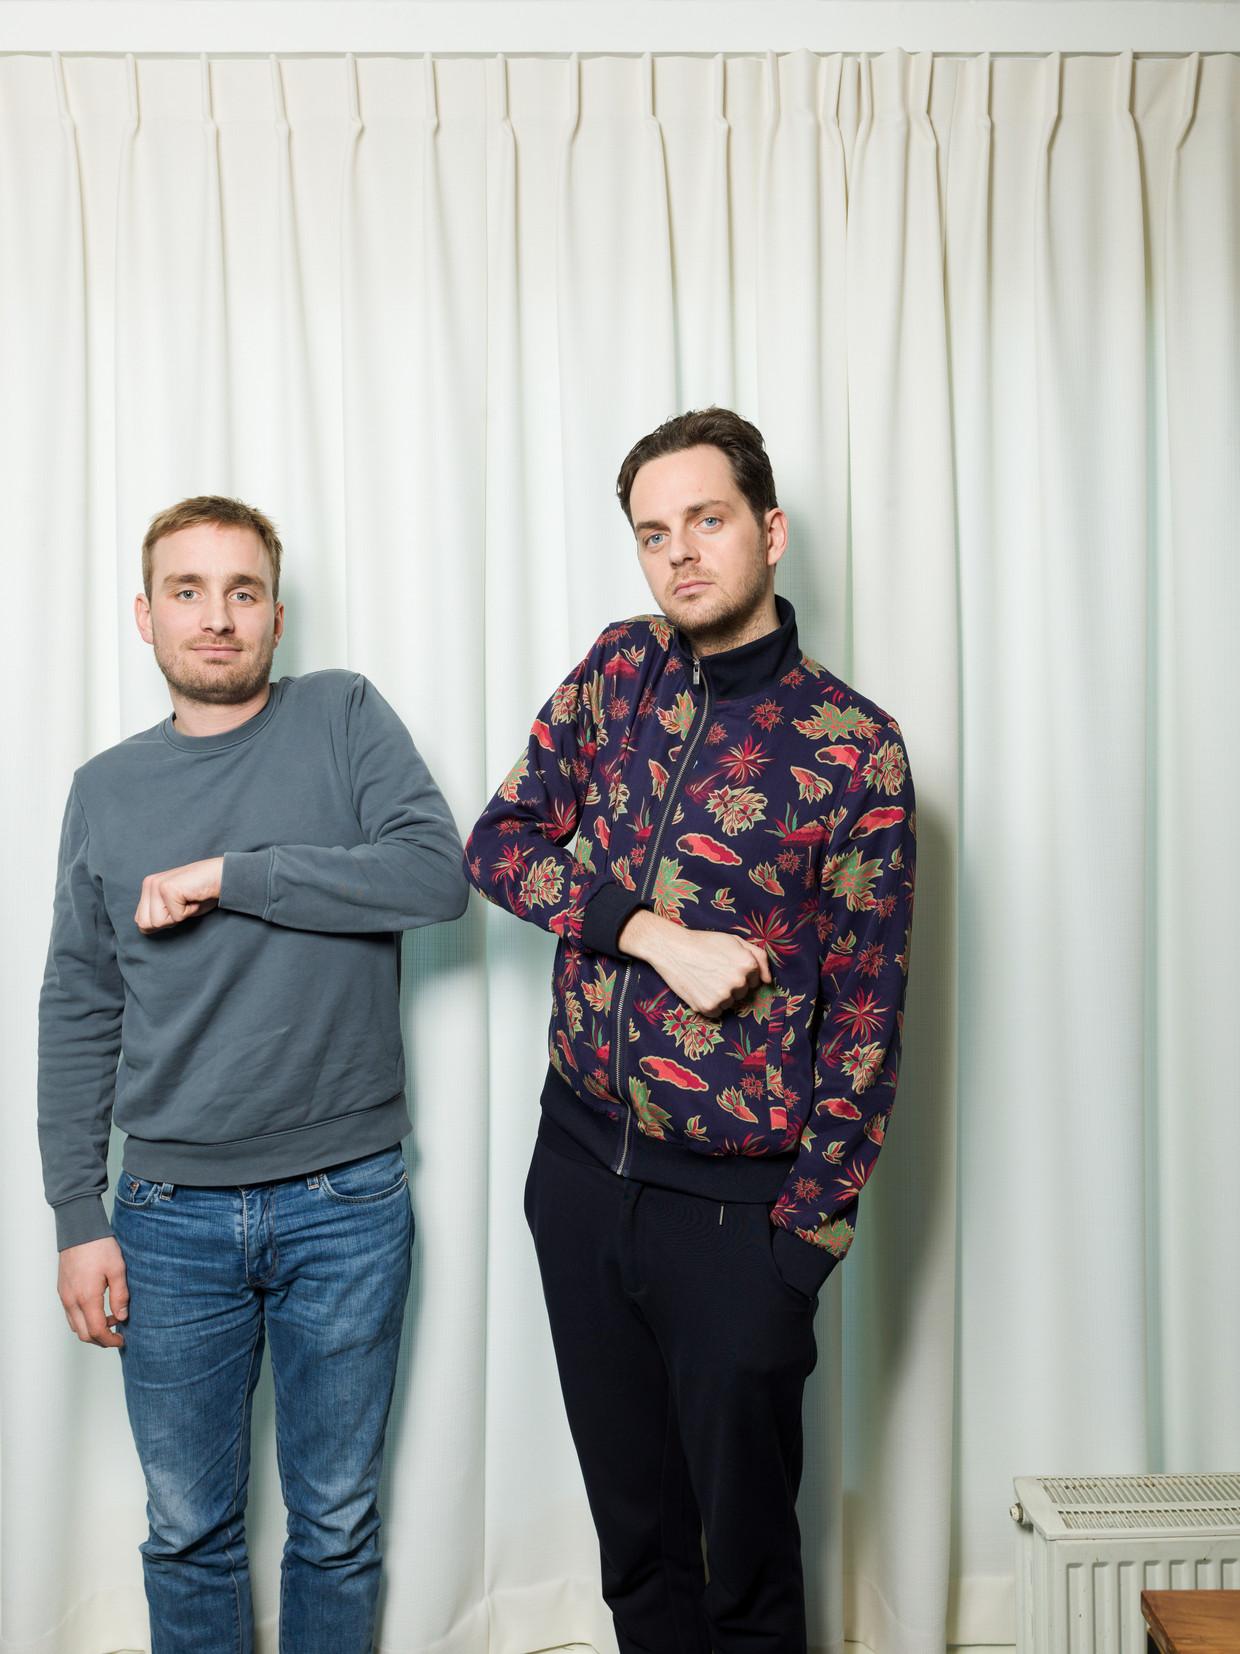 Tom van Kalmthout (links) en Yannick van de Velde (rechts) hebben net gehoord dat door het coronavirus hun theatertournee wordt opgeschort. Beeld Ivo van der Bent